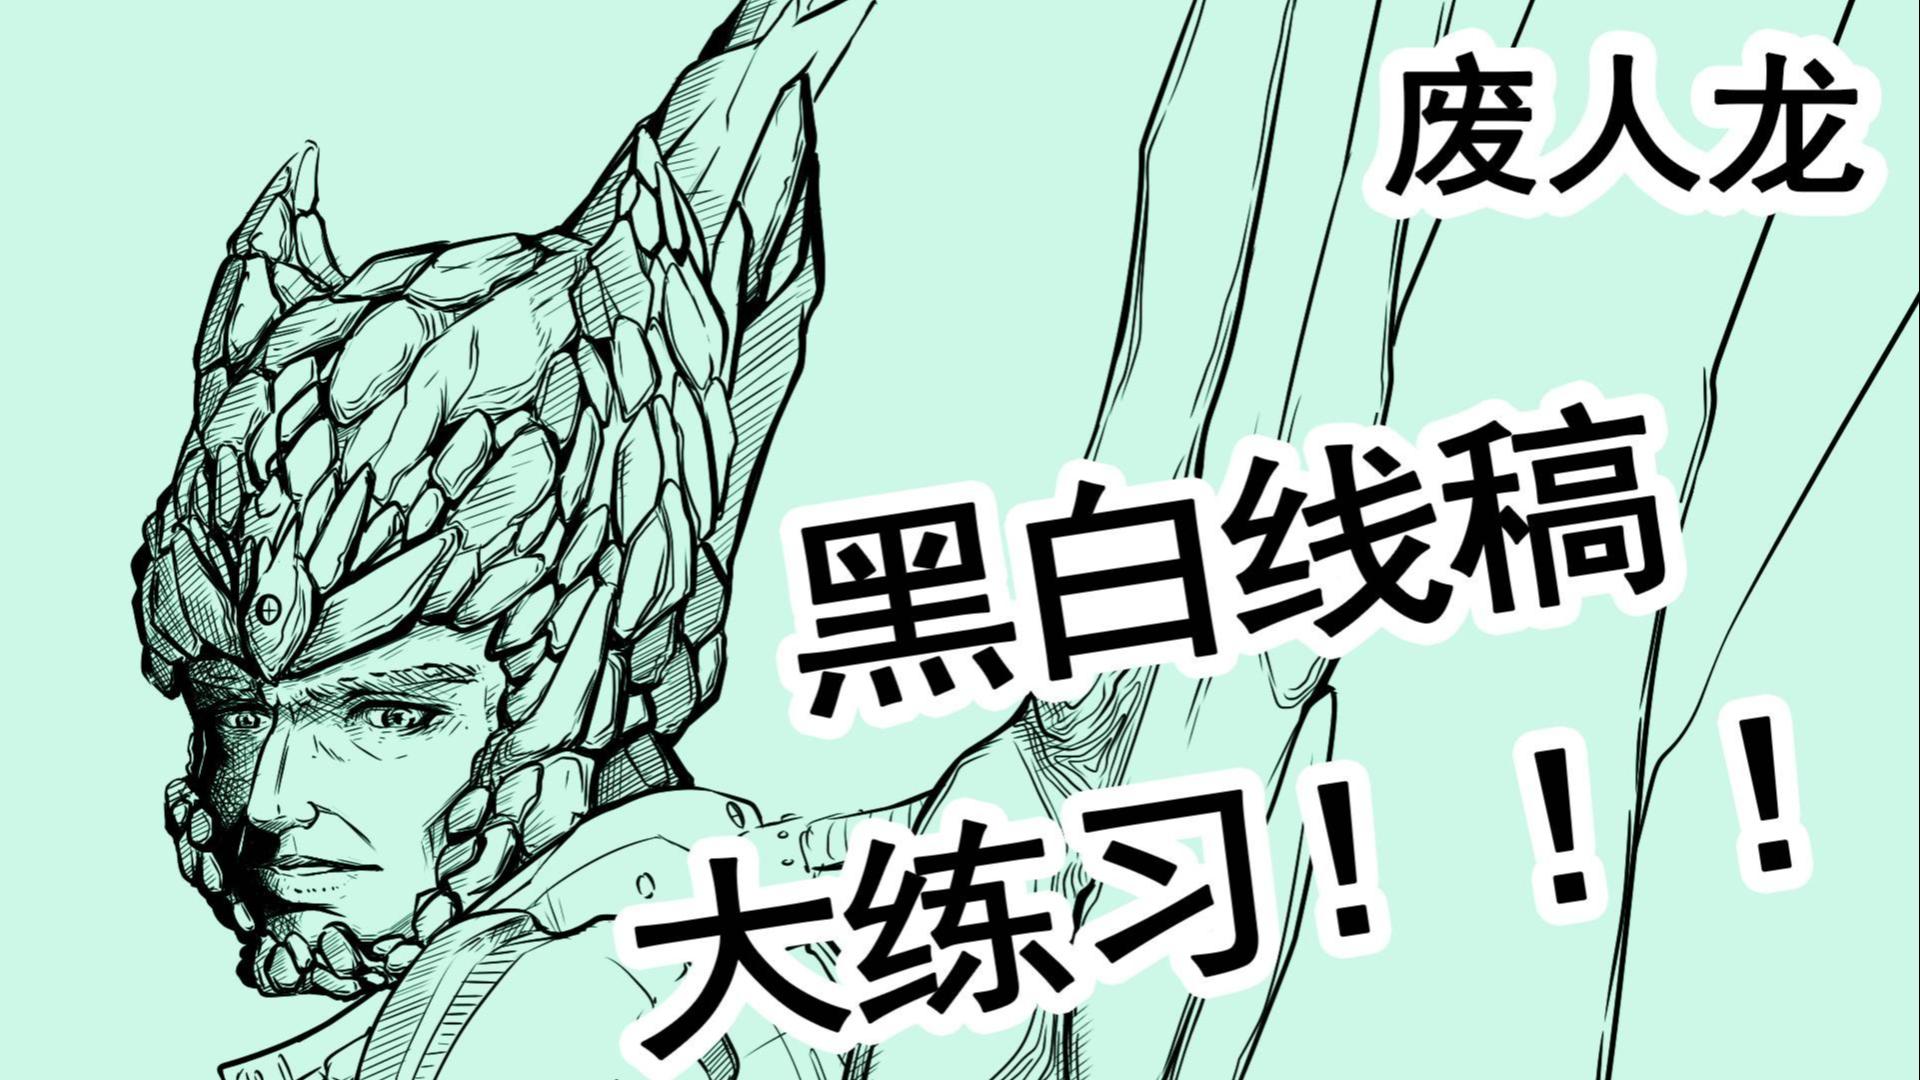 【高速回放】黑白线稿练习